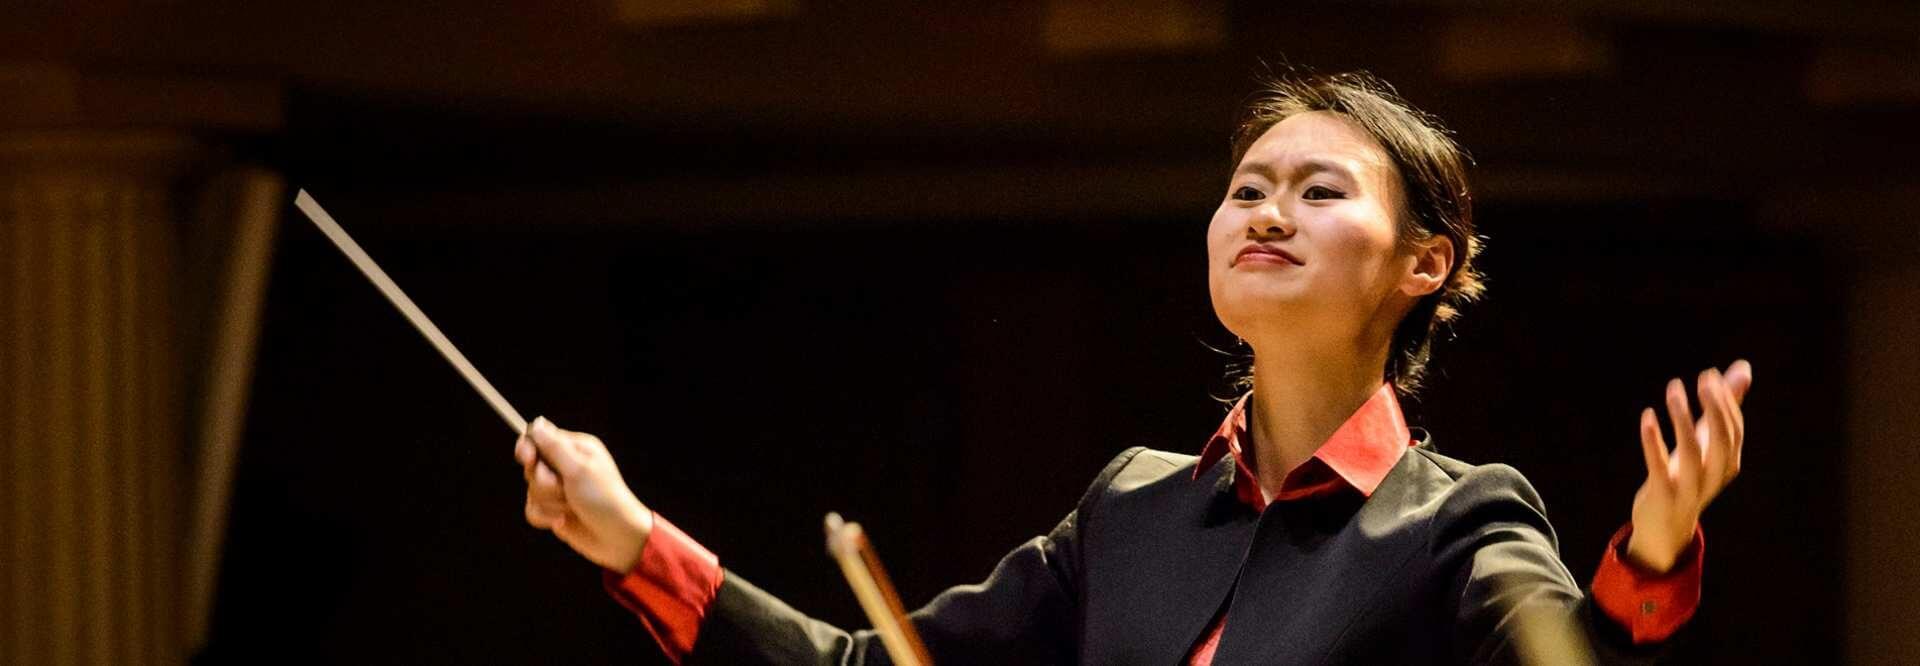 Muziek uit de Nieuwe Wereld: Dvořáks Symfonie nr. 9, Copland en Ives